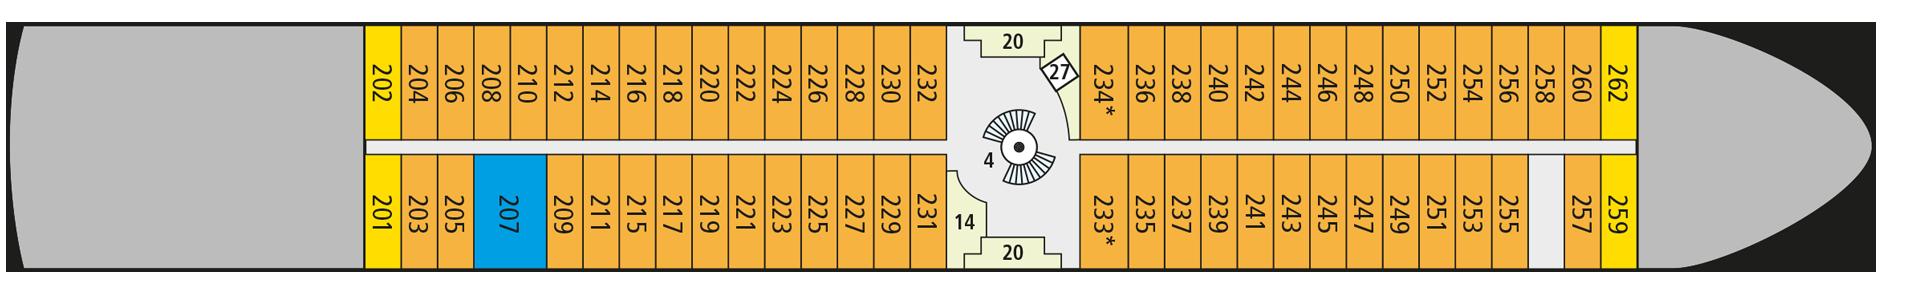 A-ROSA SENA Deck 2